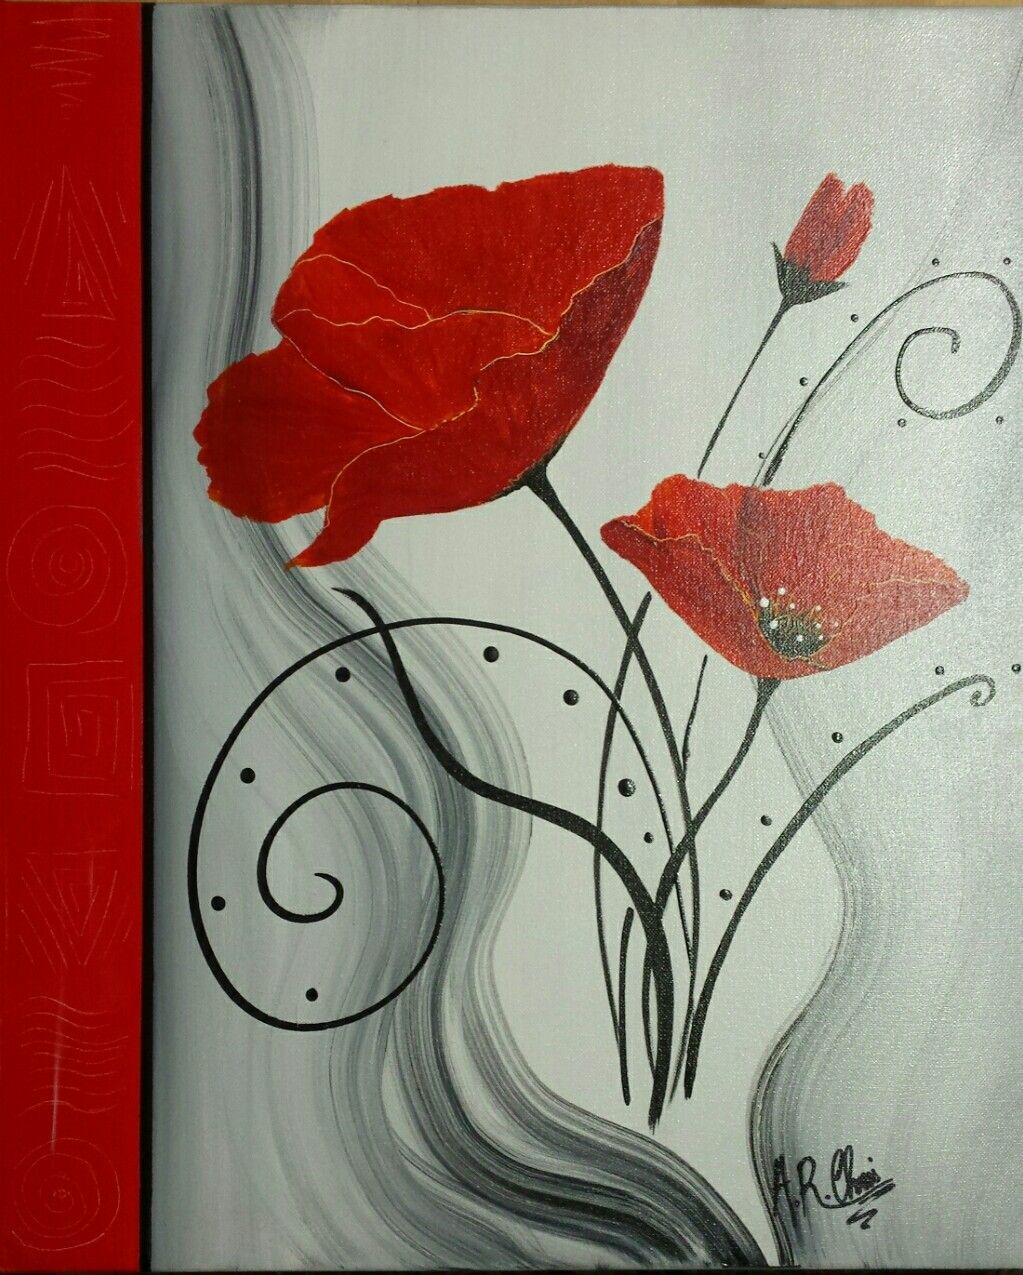 Rouge Peinture Acrylique Sur Toile 40x50 By Raffin Christine